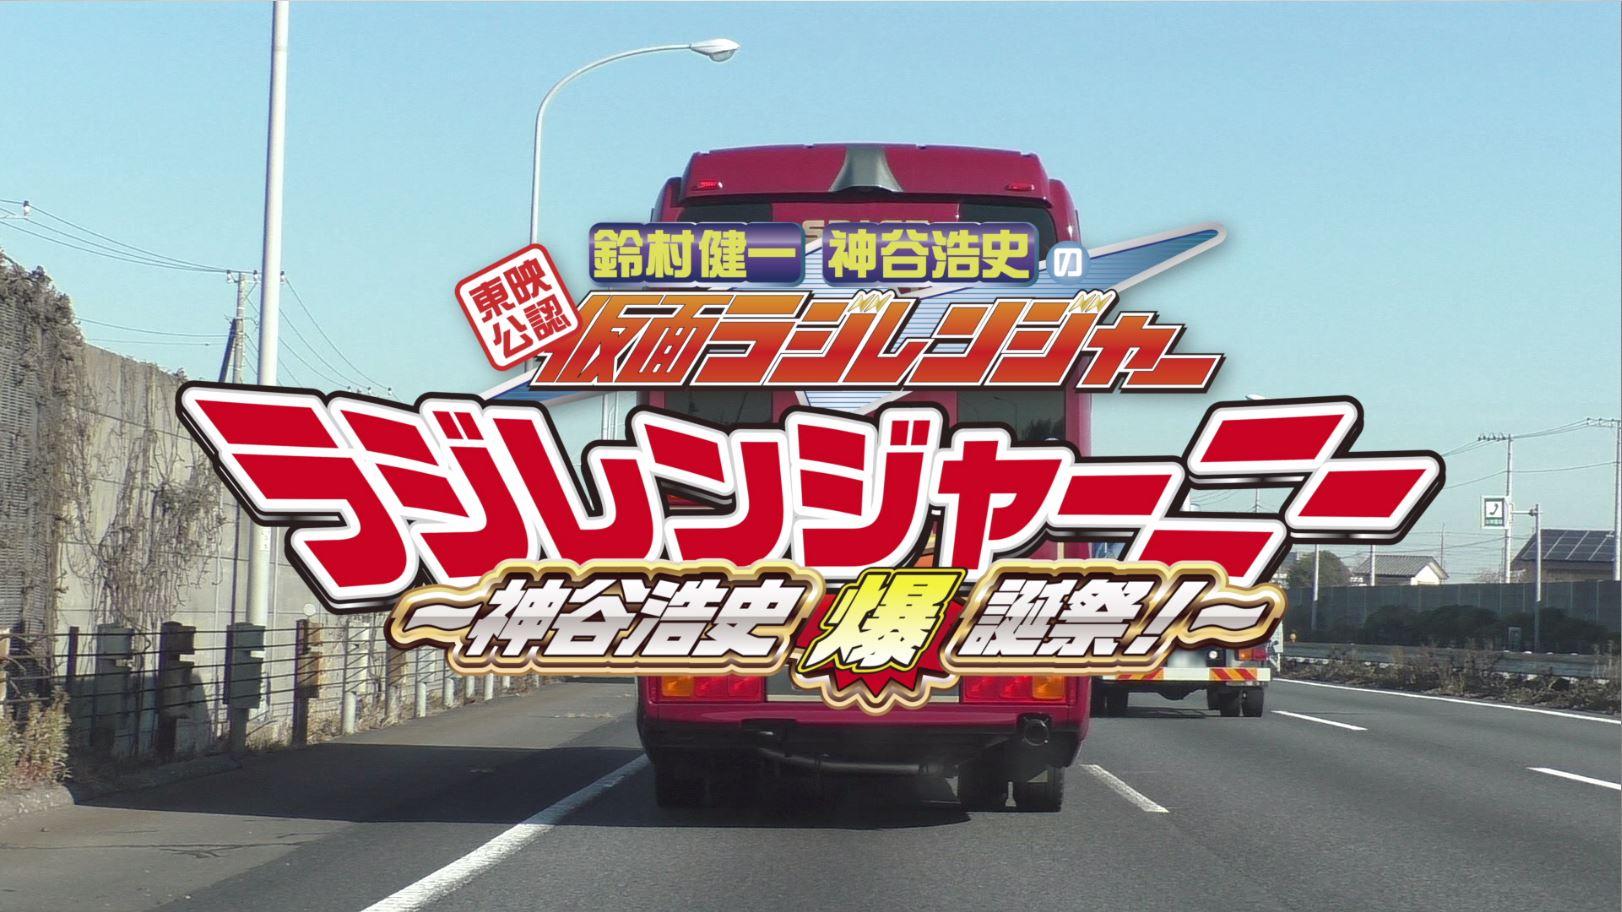 仮面ラジレンジャーニー~神谷浩史爆誕祭! ~